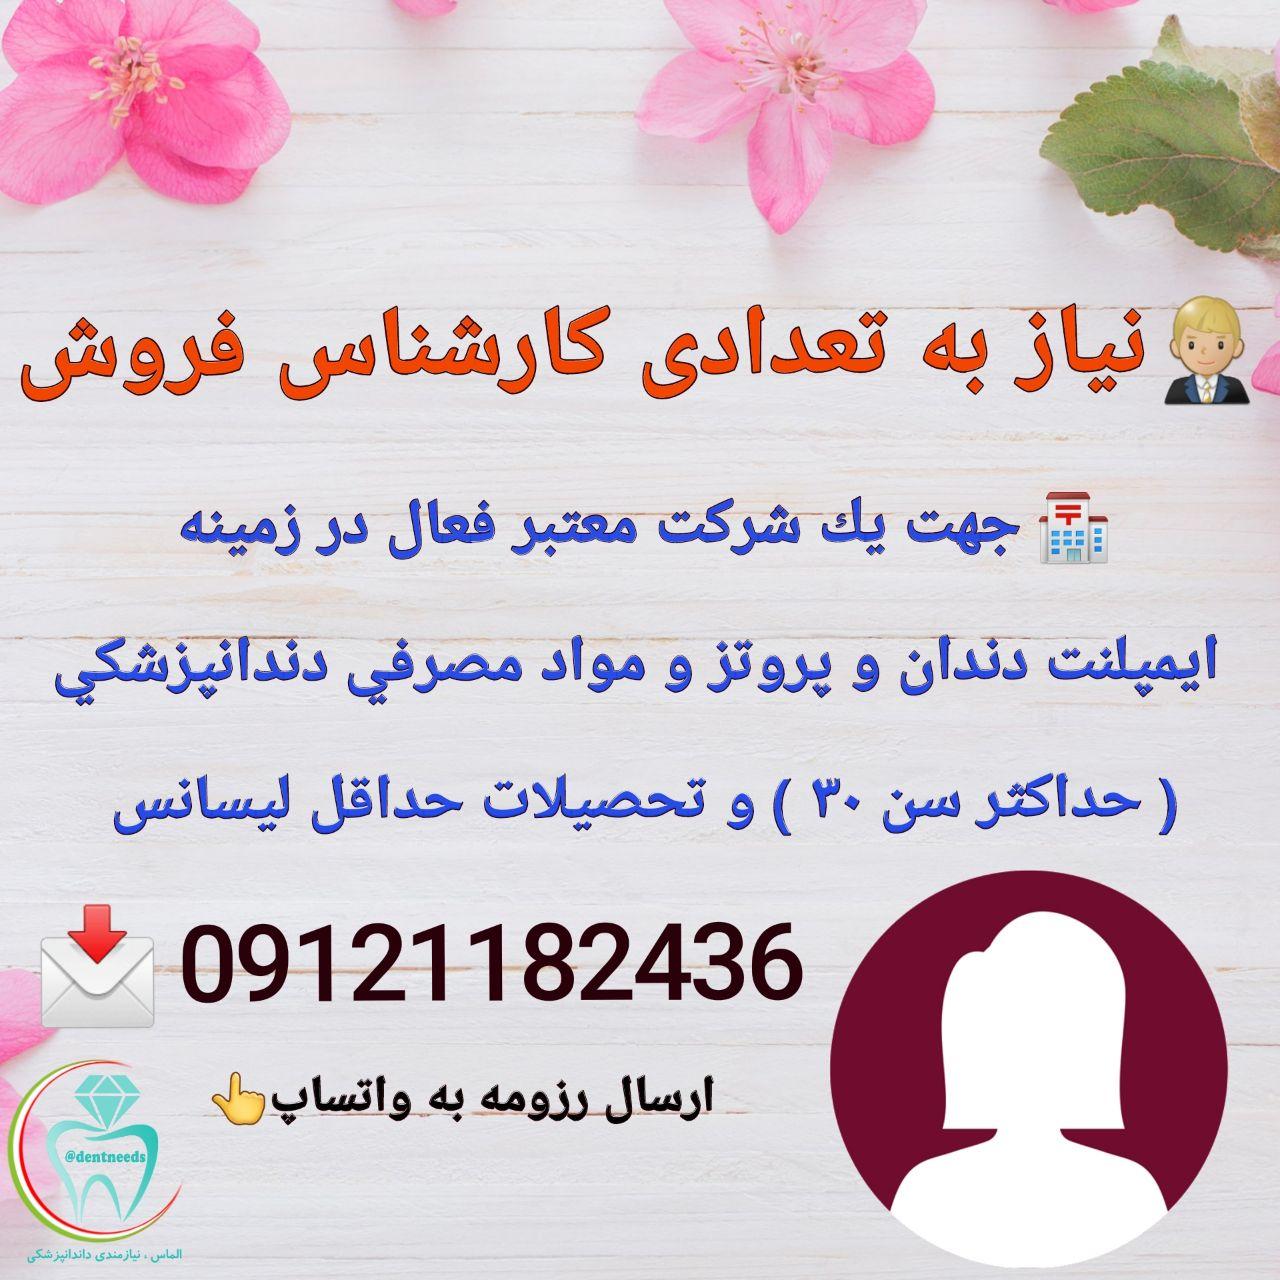 تهران: نیاز به تعدادی کارشناس فروش